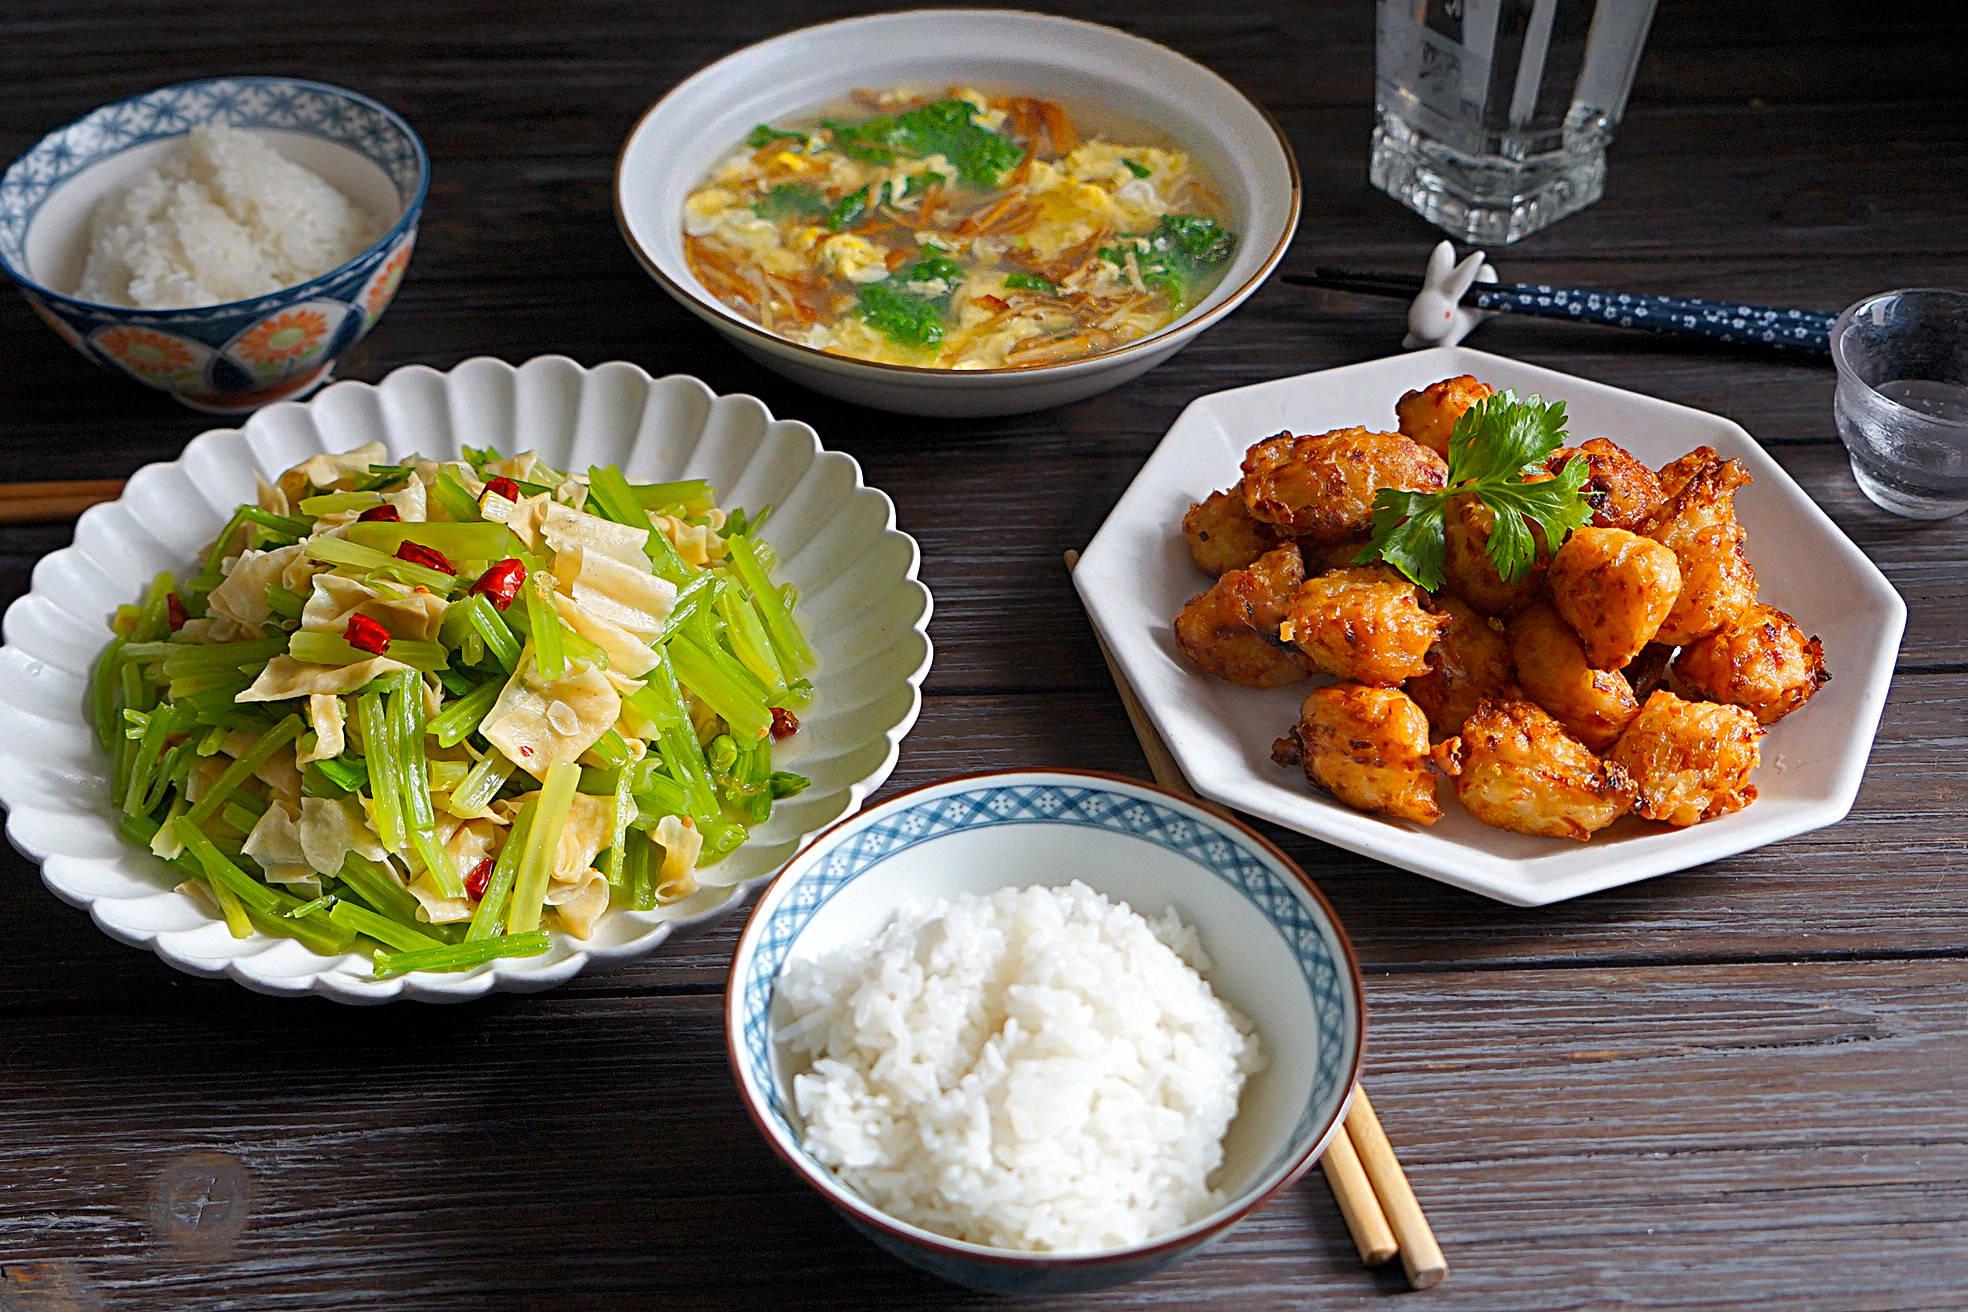 宅在家,午餐做了两菜一汤,好吃得停不下来,婆婆:会过日子